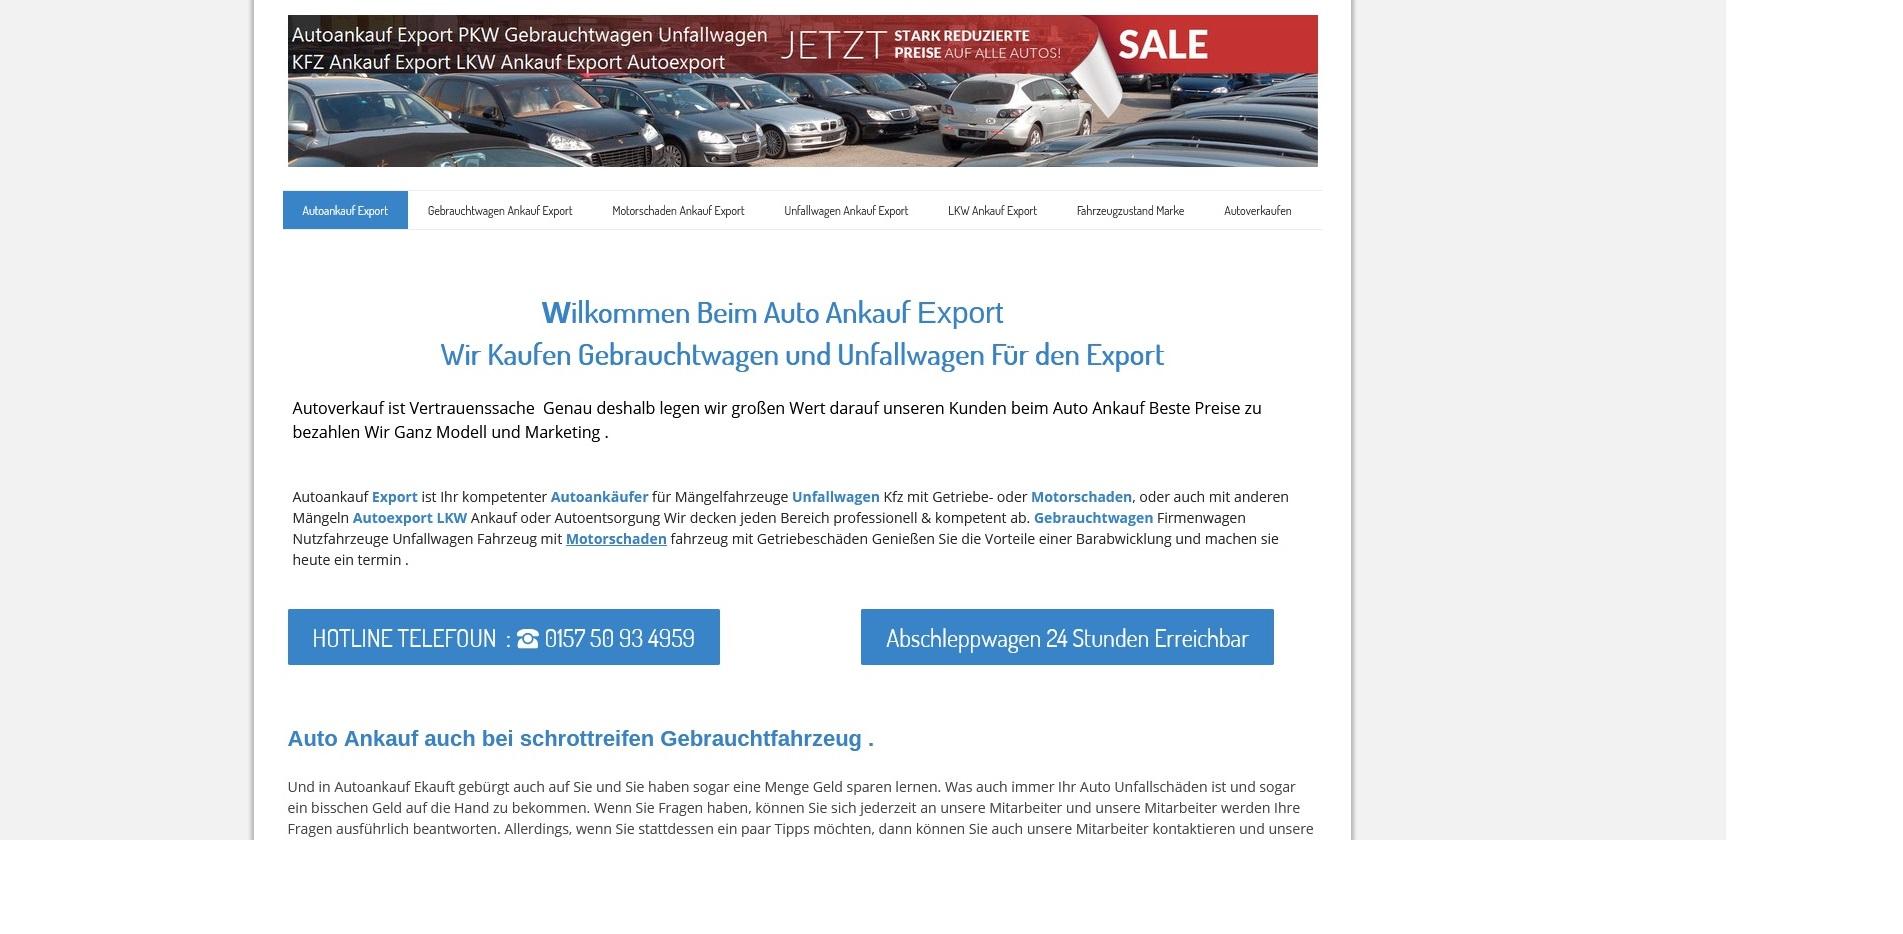 Kfz-Ankauf-export.de   Autoankauf Tübingen   Autoankauf Export Tübingen